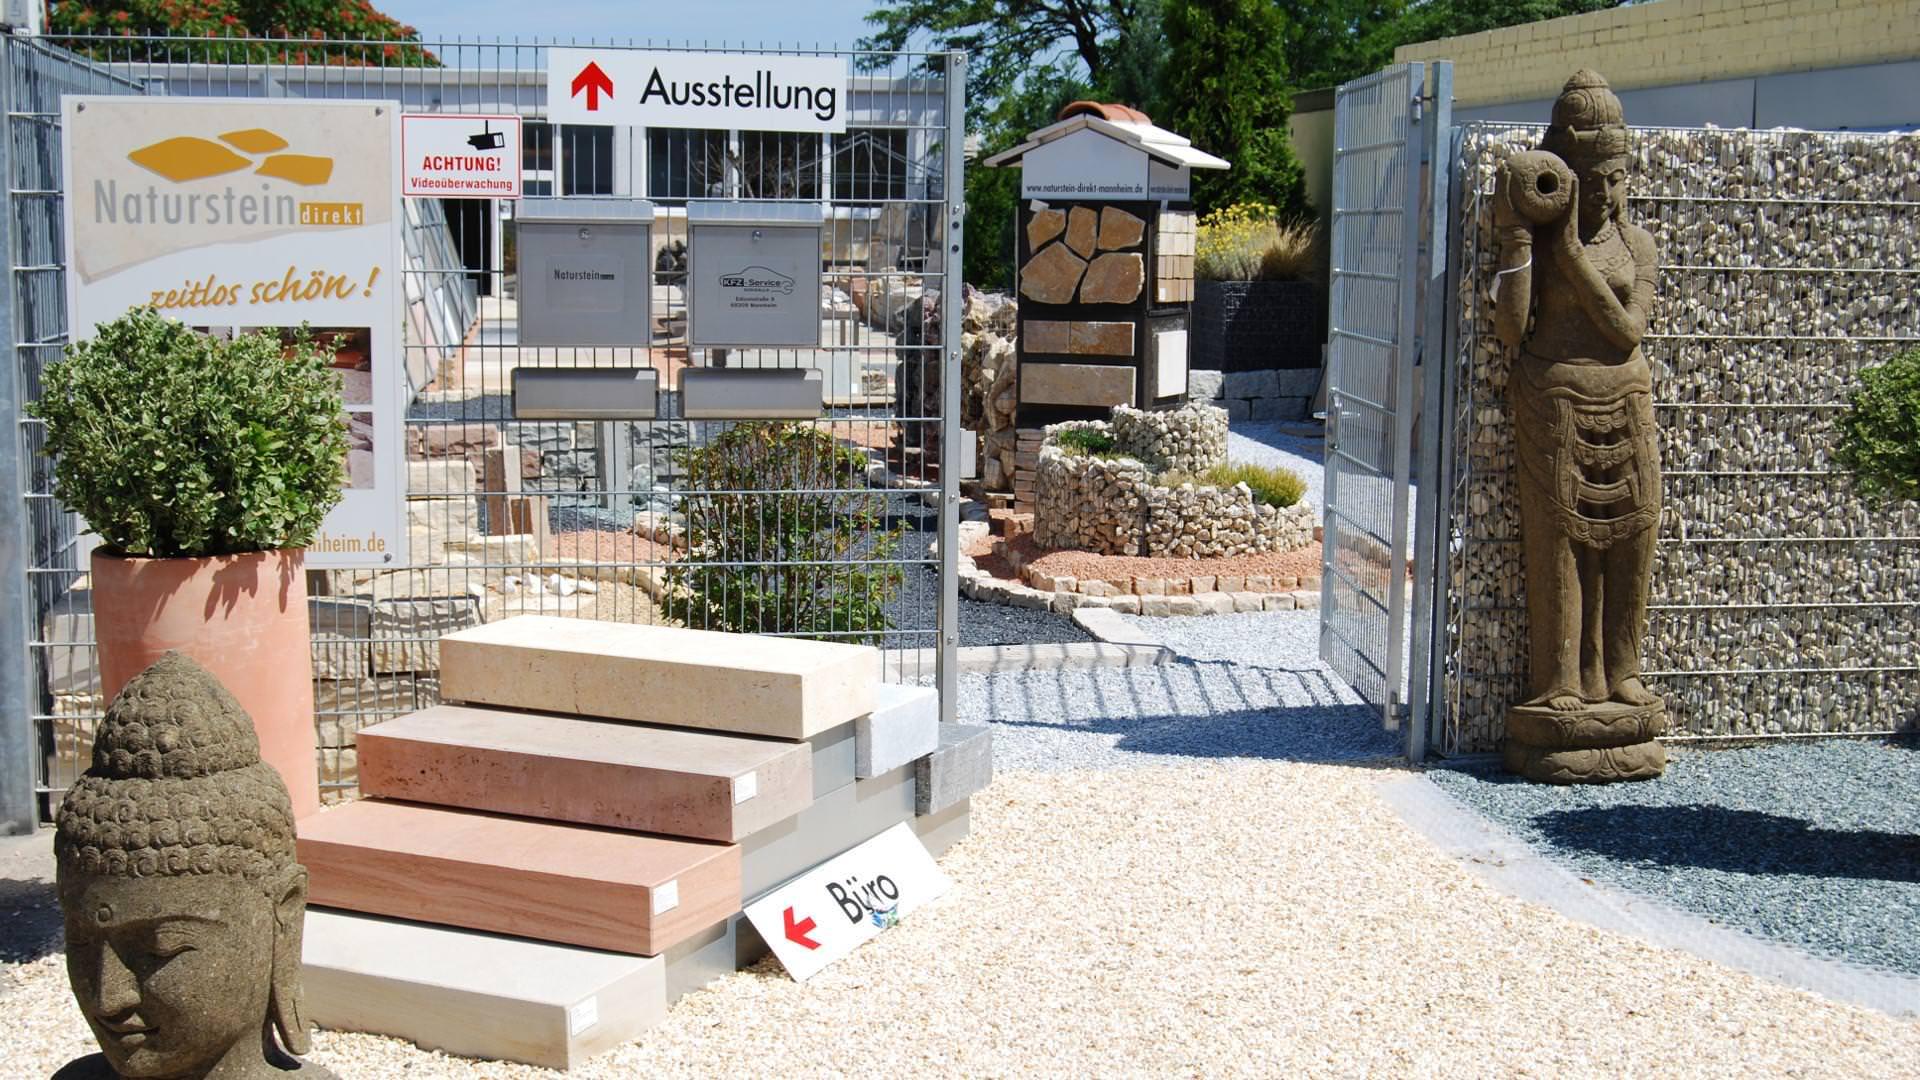 Gartenbau Mannheim ausstellung gartenbau gartengestaltung gartenplaner mannheim